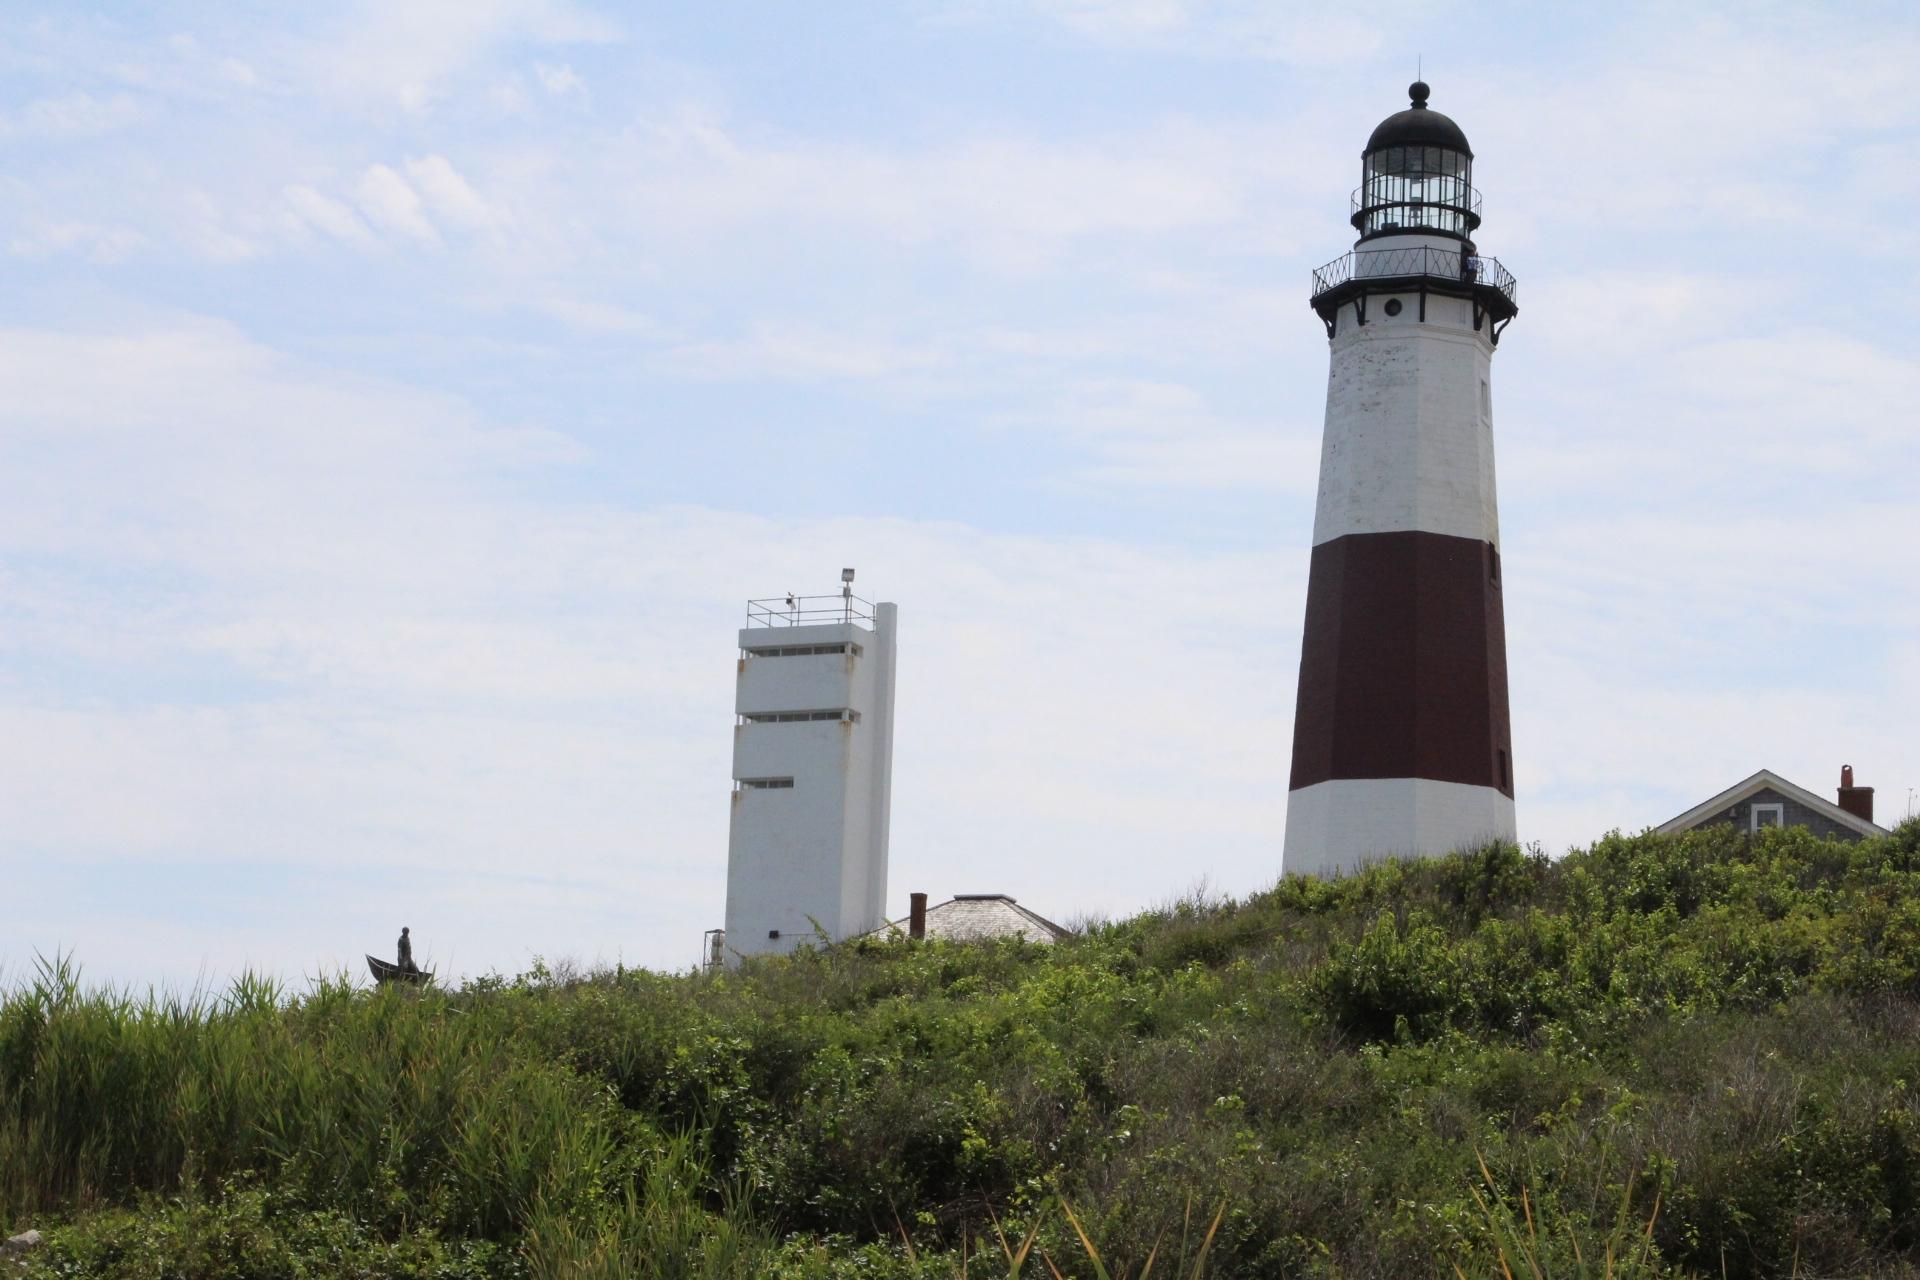 Momtauk Lighthouse on hill_2